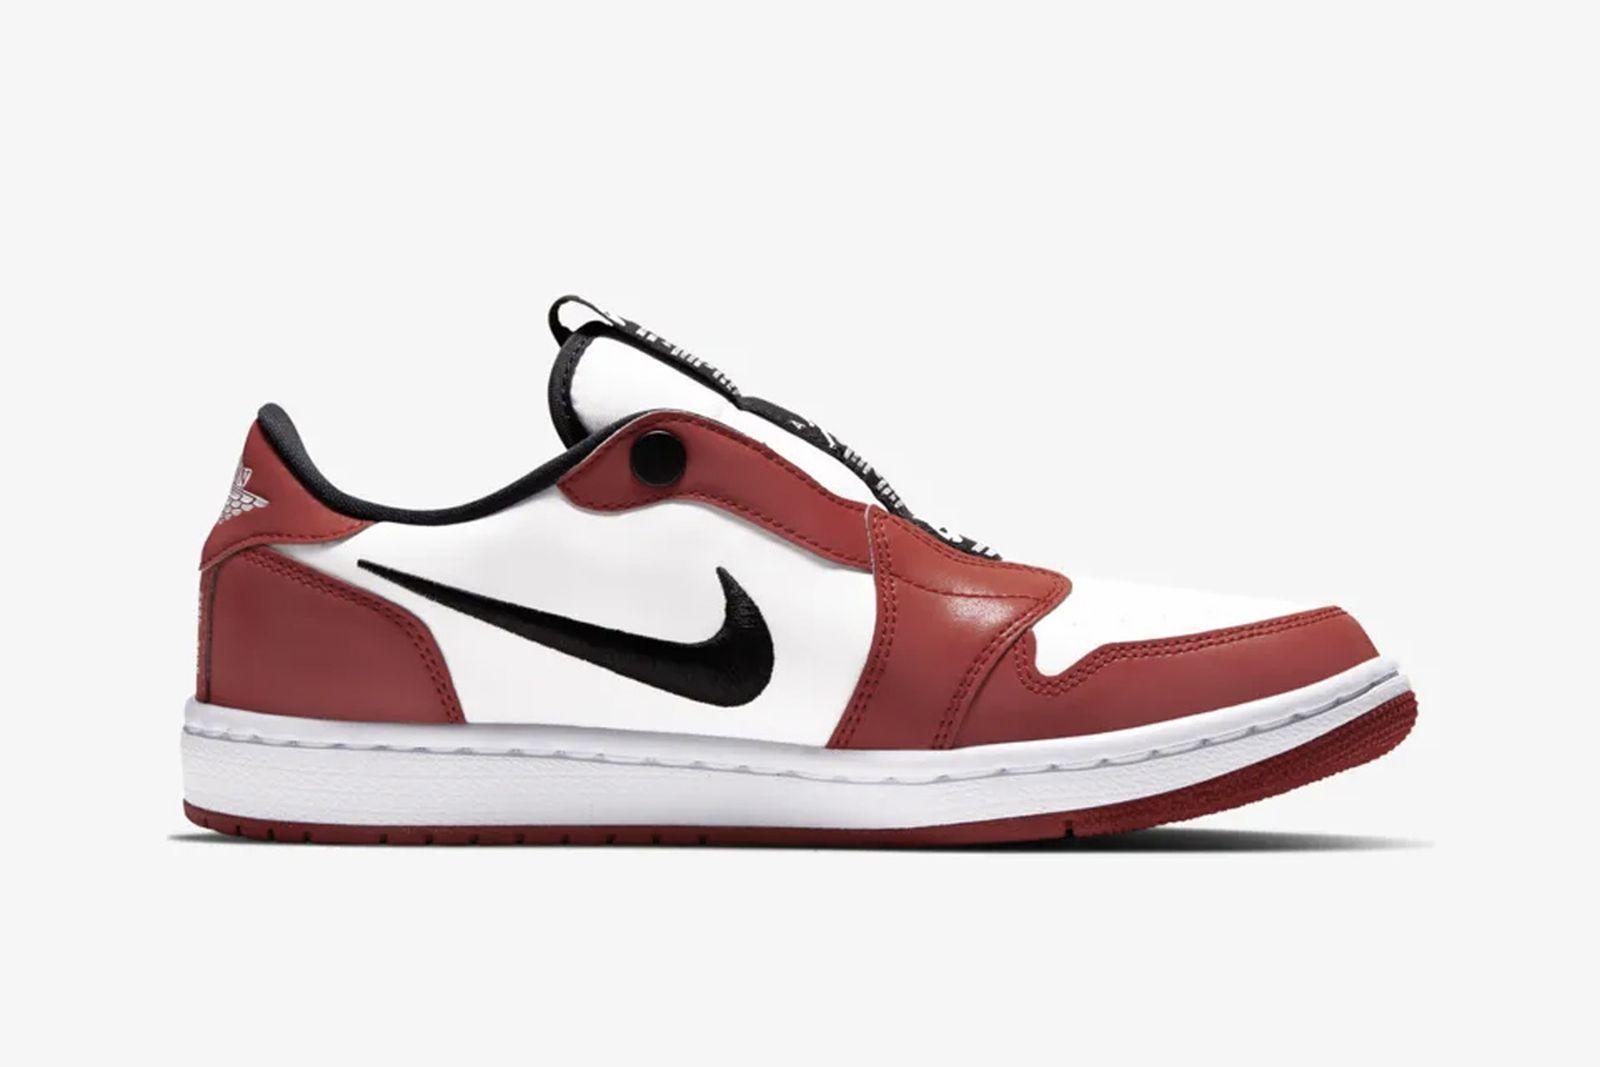 Nike Air Jordan 1 Low Slip: Where to Buy Today